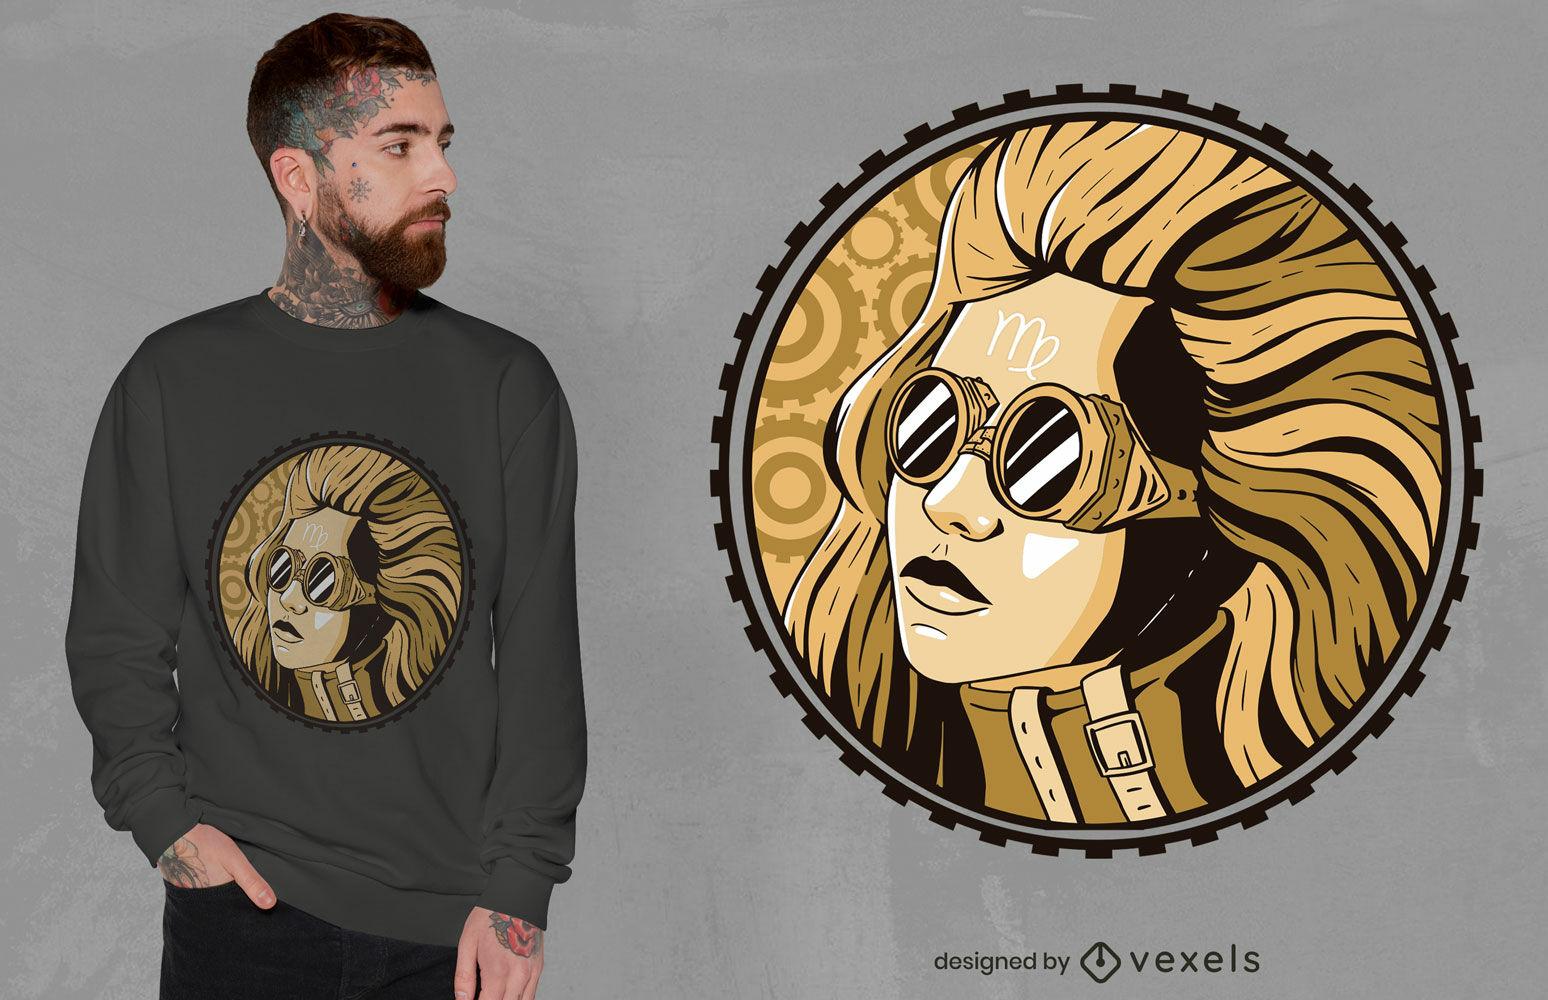 Diseño de camiseta mujer virgo steampunk.